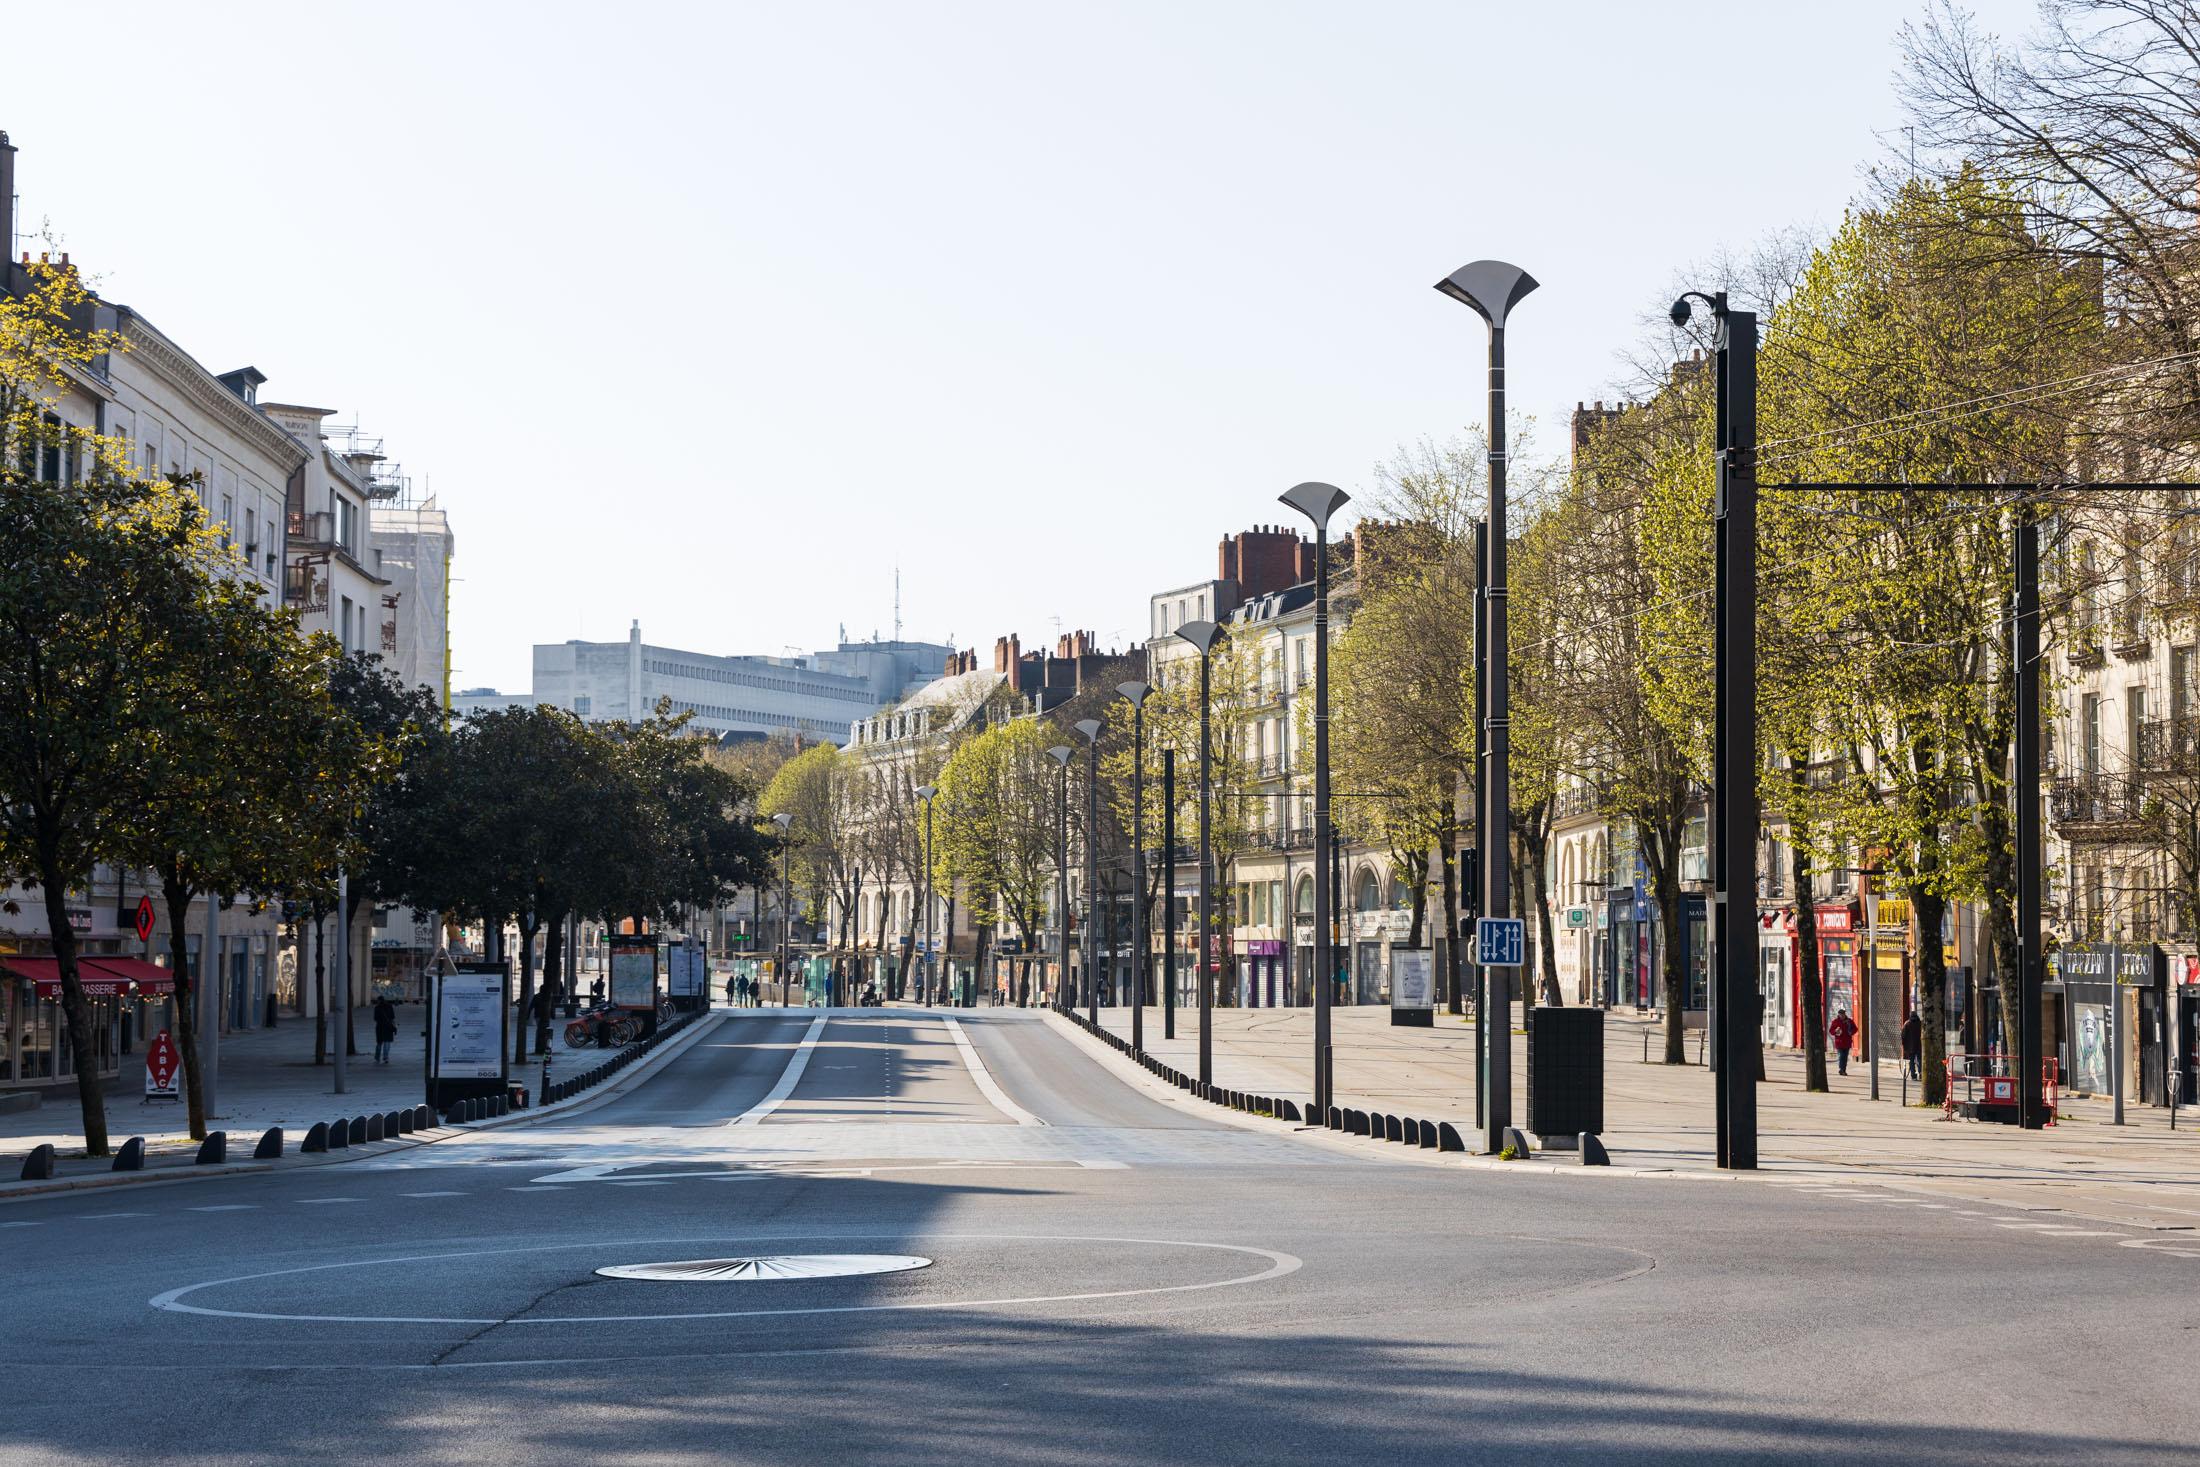 Cours des 50 otages avenue is almost empty. Nantes, France - April 2nd 2020.Le cours des 50 otages est presque vide. Nantes, France - 2 avril 2020.